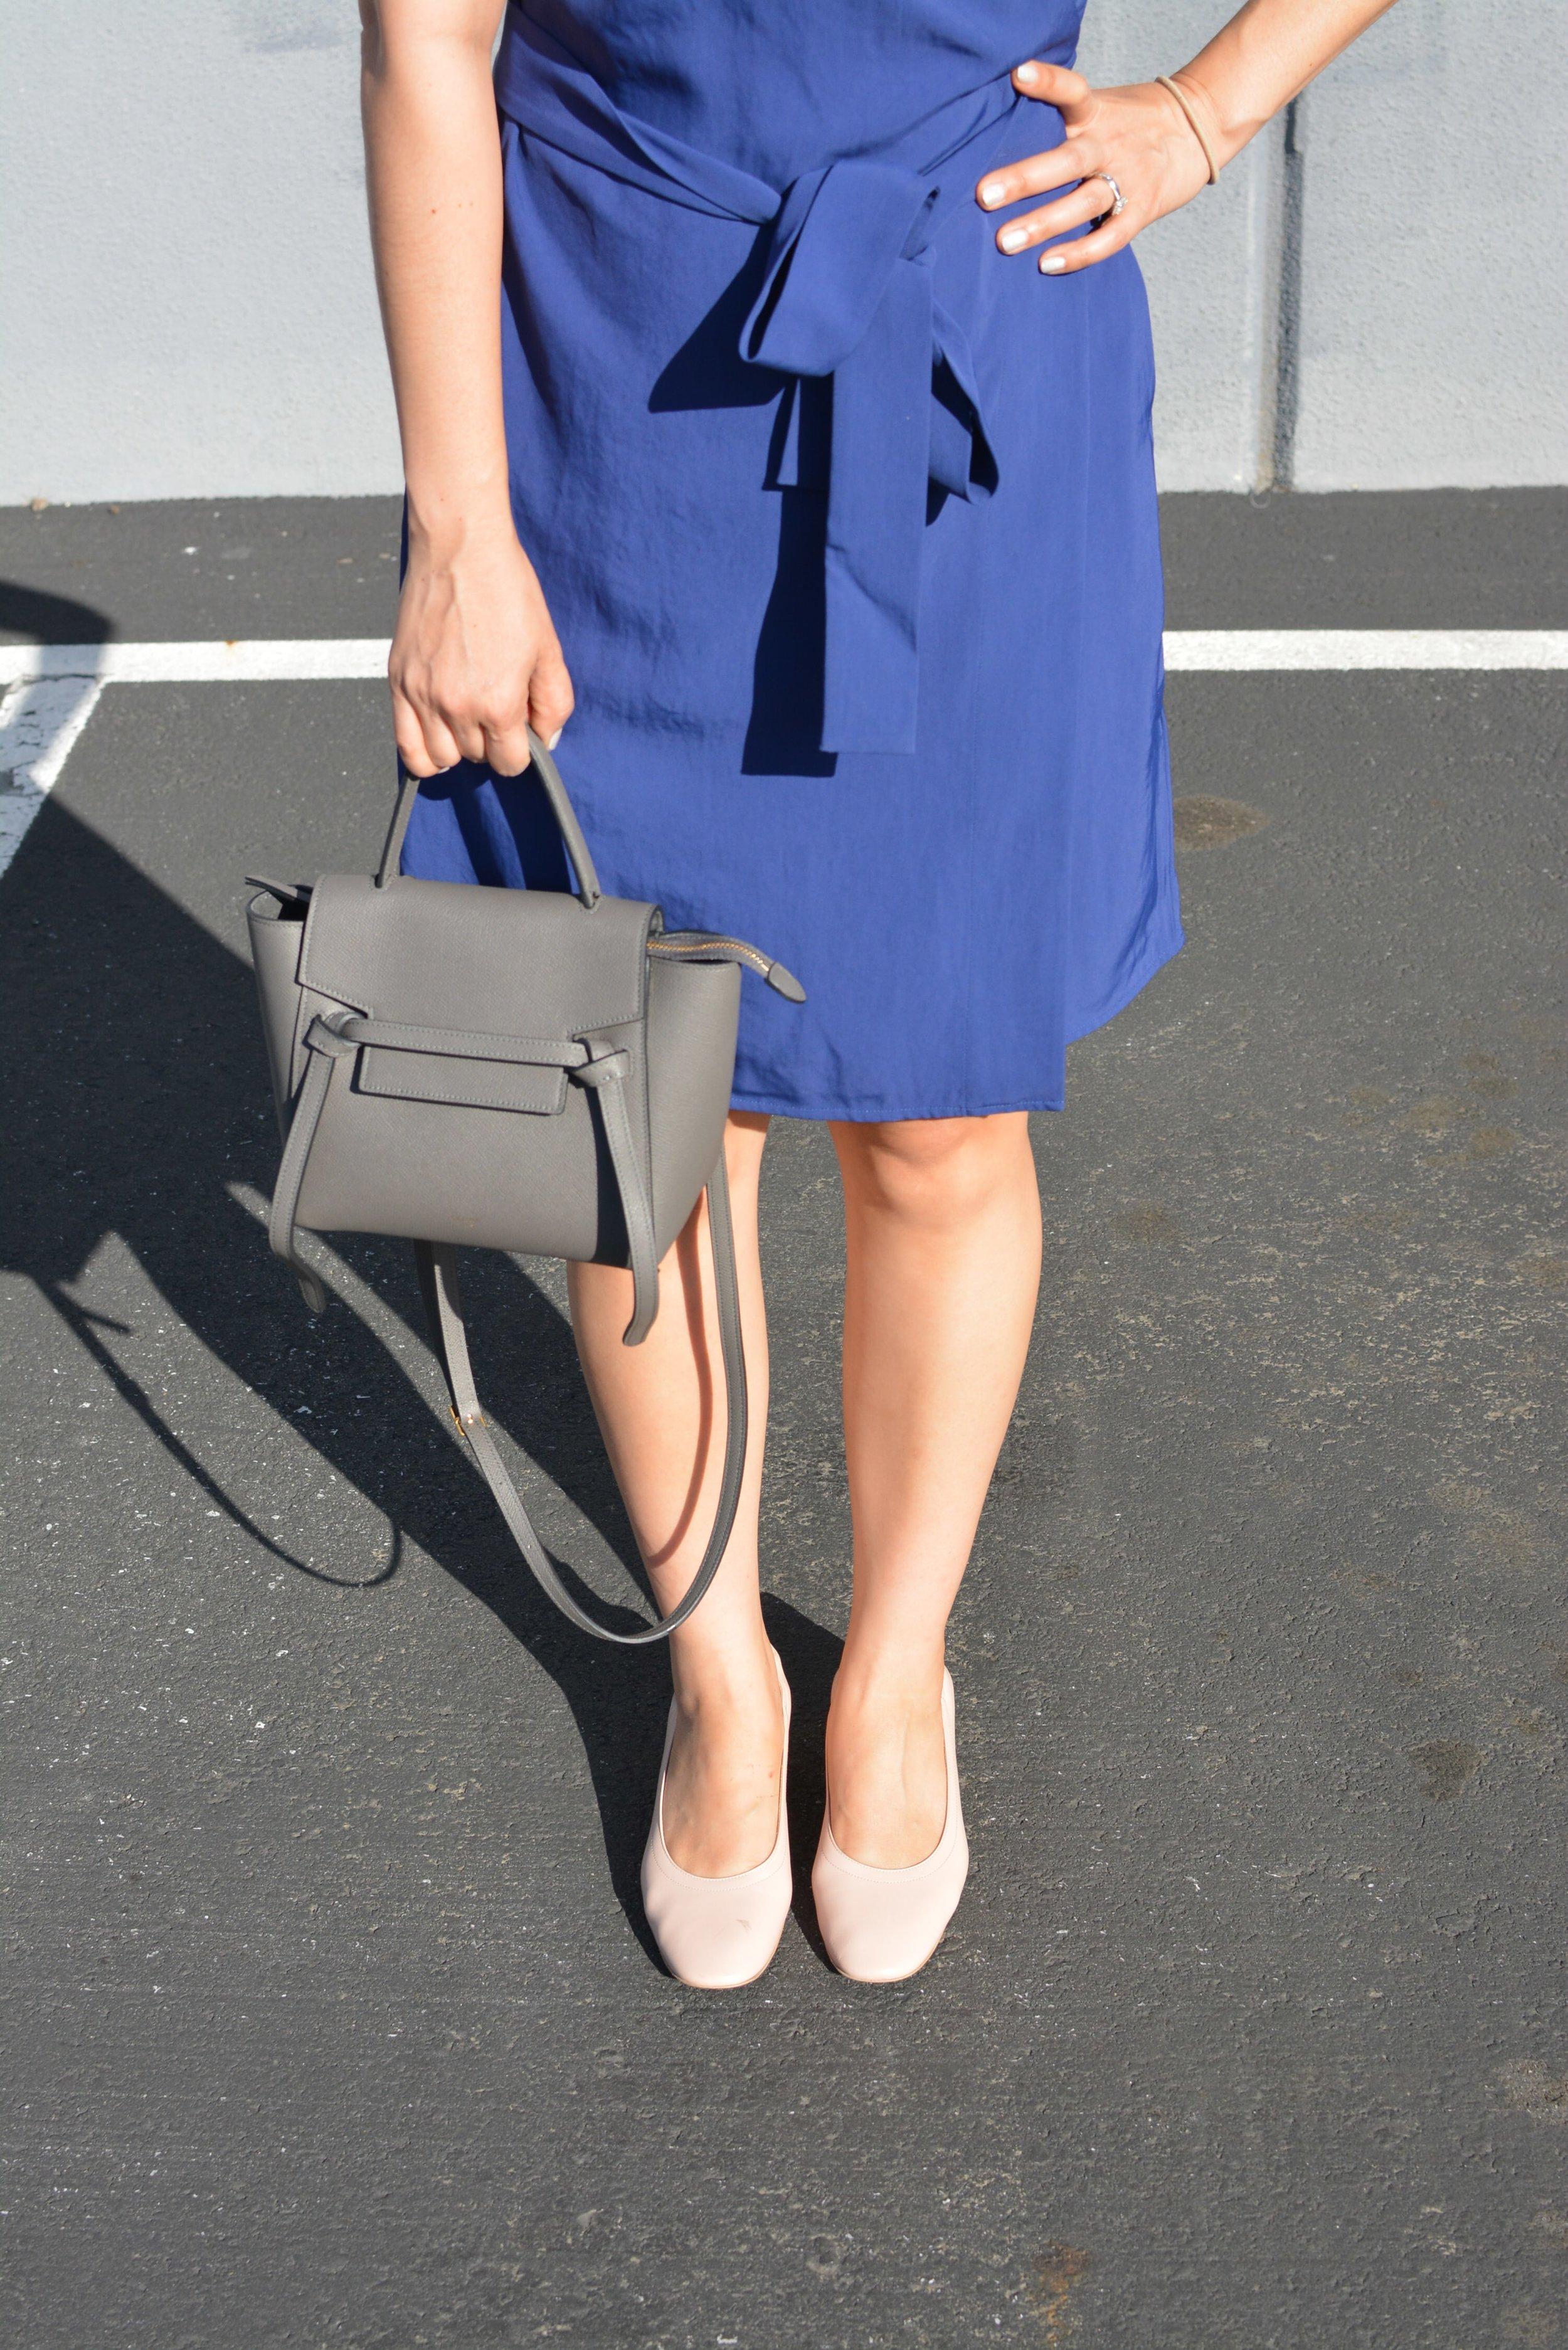 Celine Nano Belt Bag Review (1 of 1)-2-min.jpg